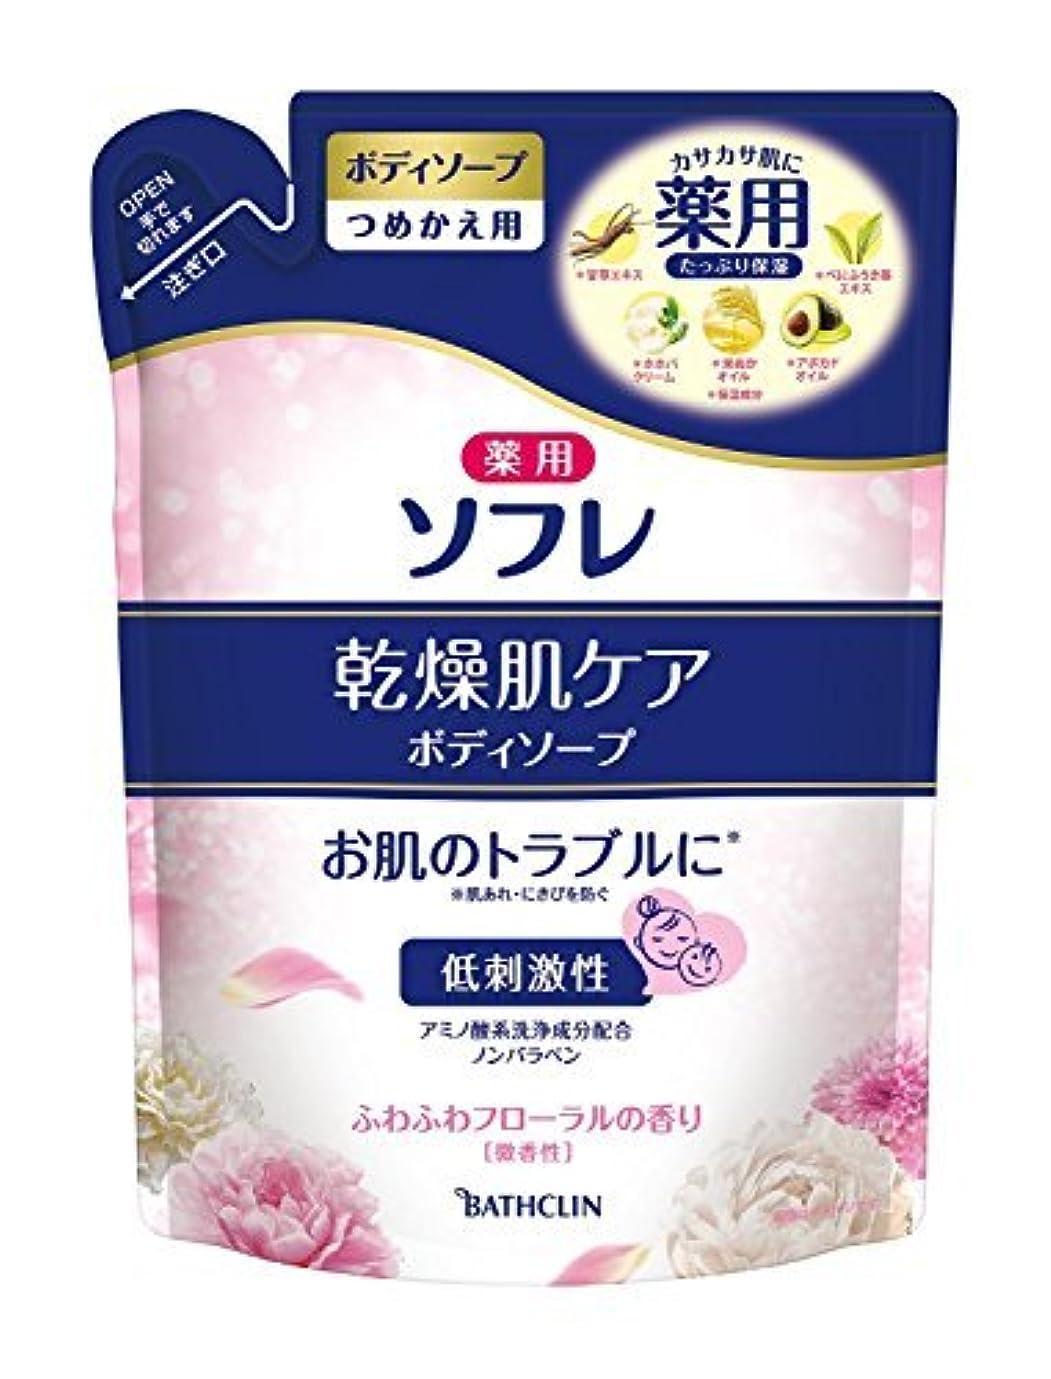 葡萄シフト柔らかい薬用ソフレ 乾燥肌ケアボディ詰替 × 12個セット